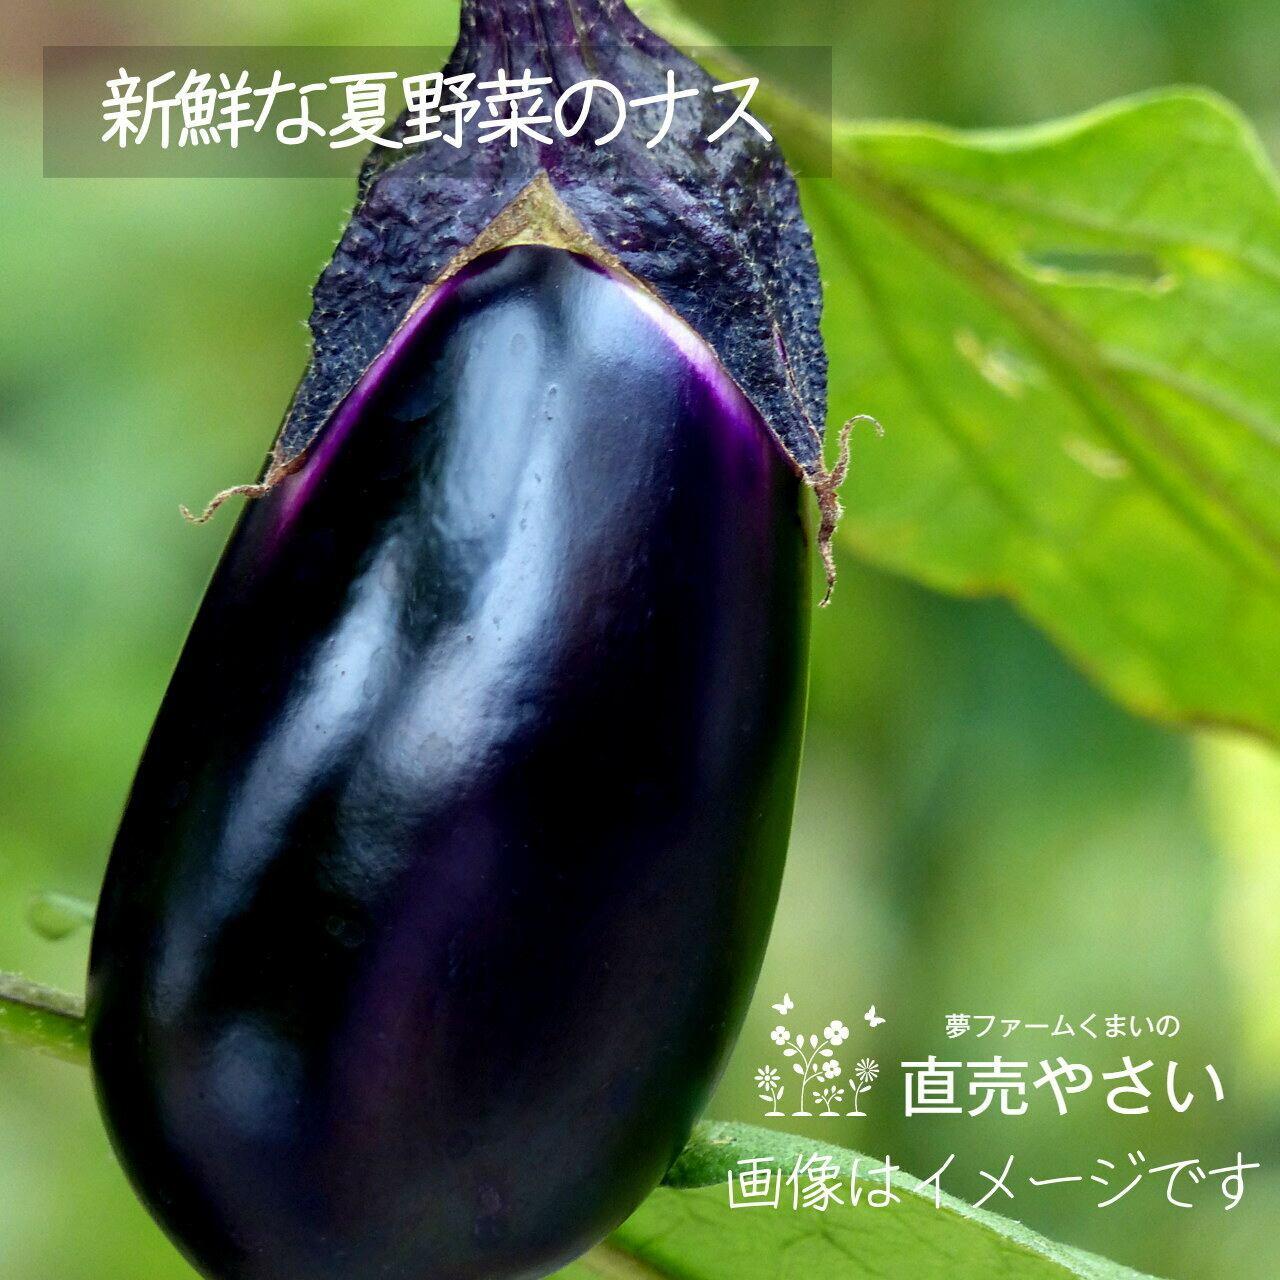 新鮮な秋野菜 : ナス 約350g 9月の朝採り直売野菜 9月12日発送予定